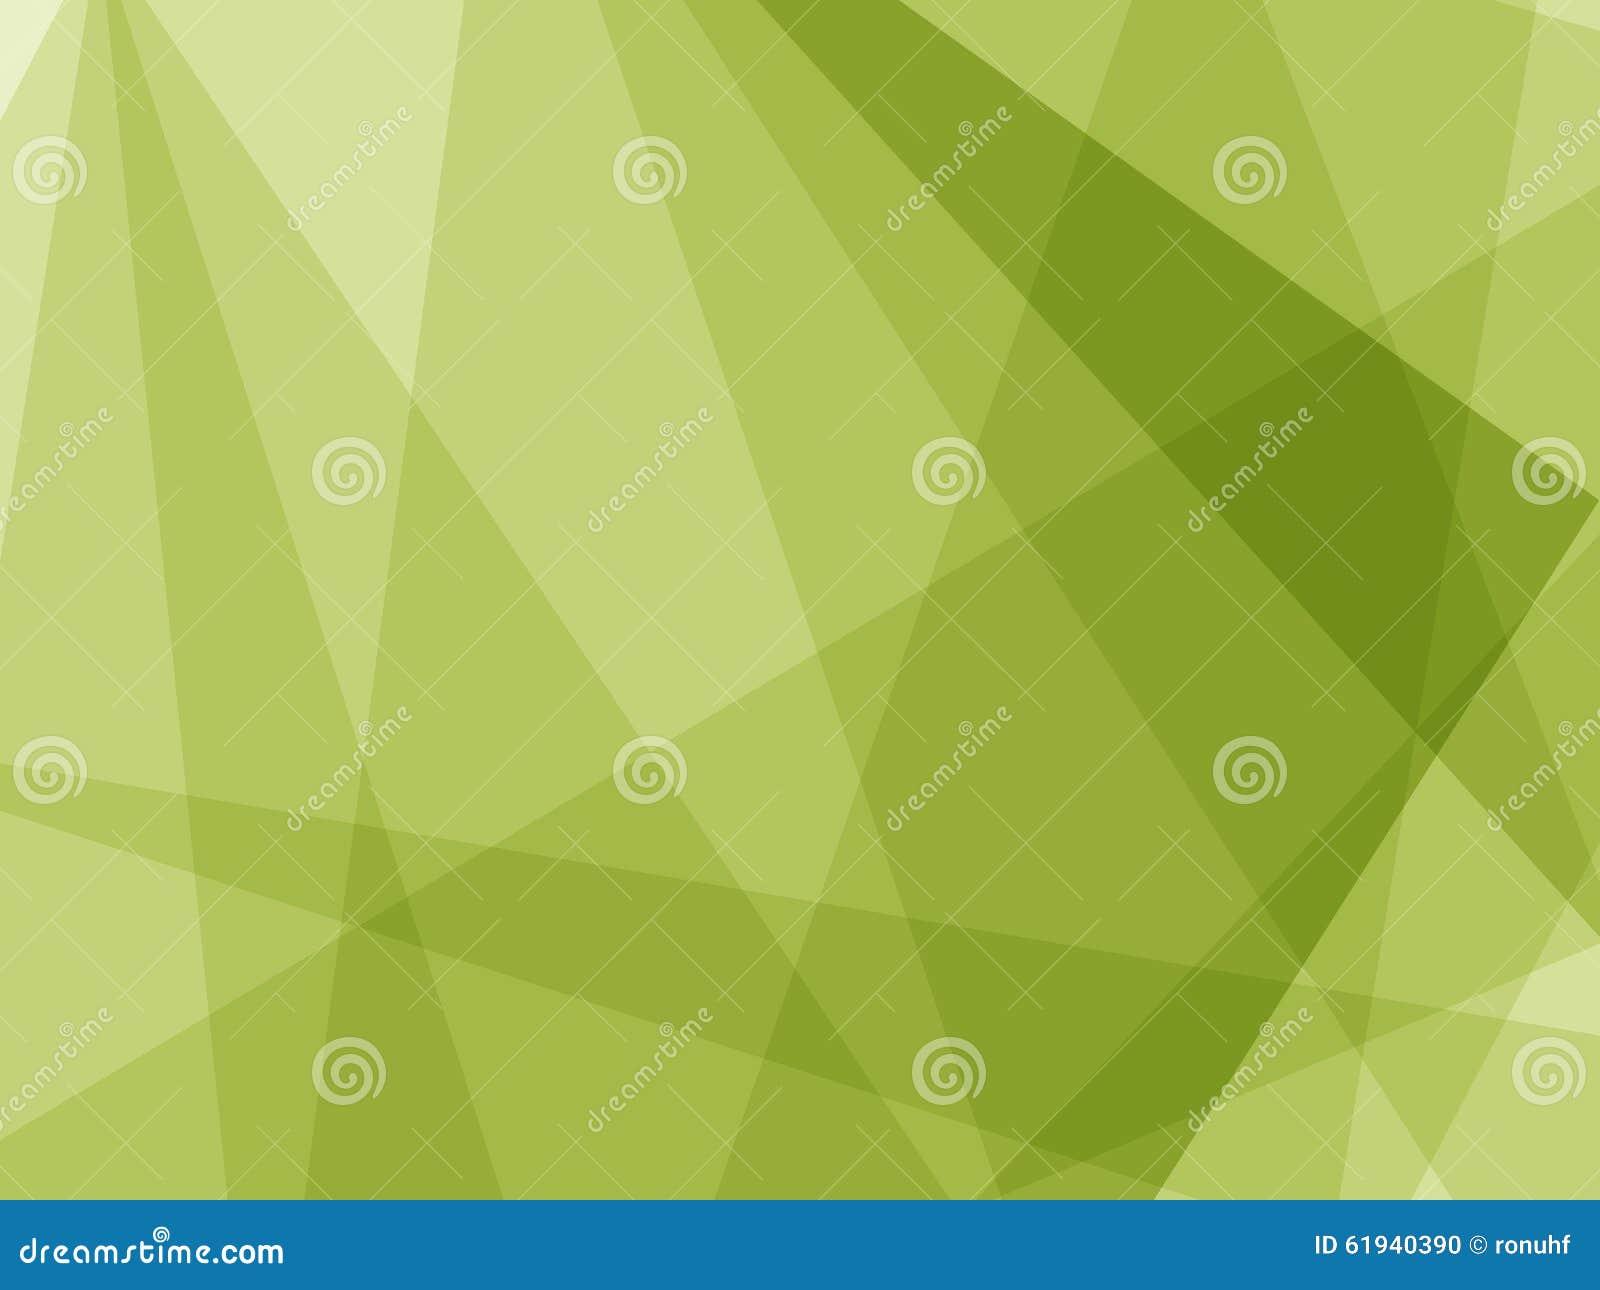 Low polygon triangular background